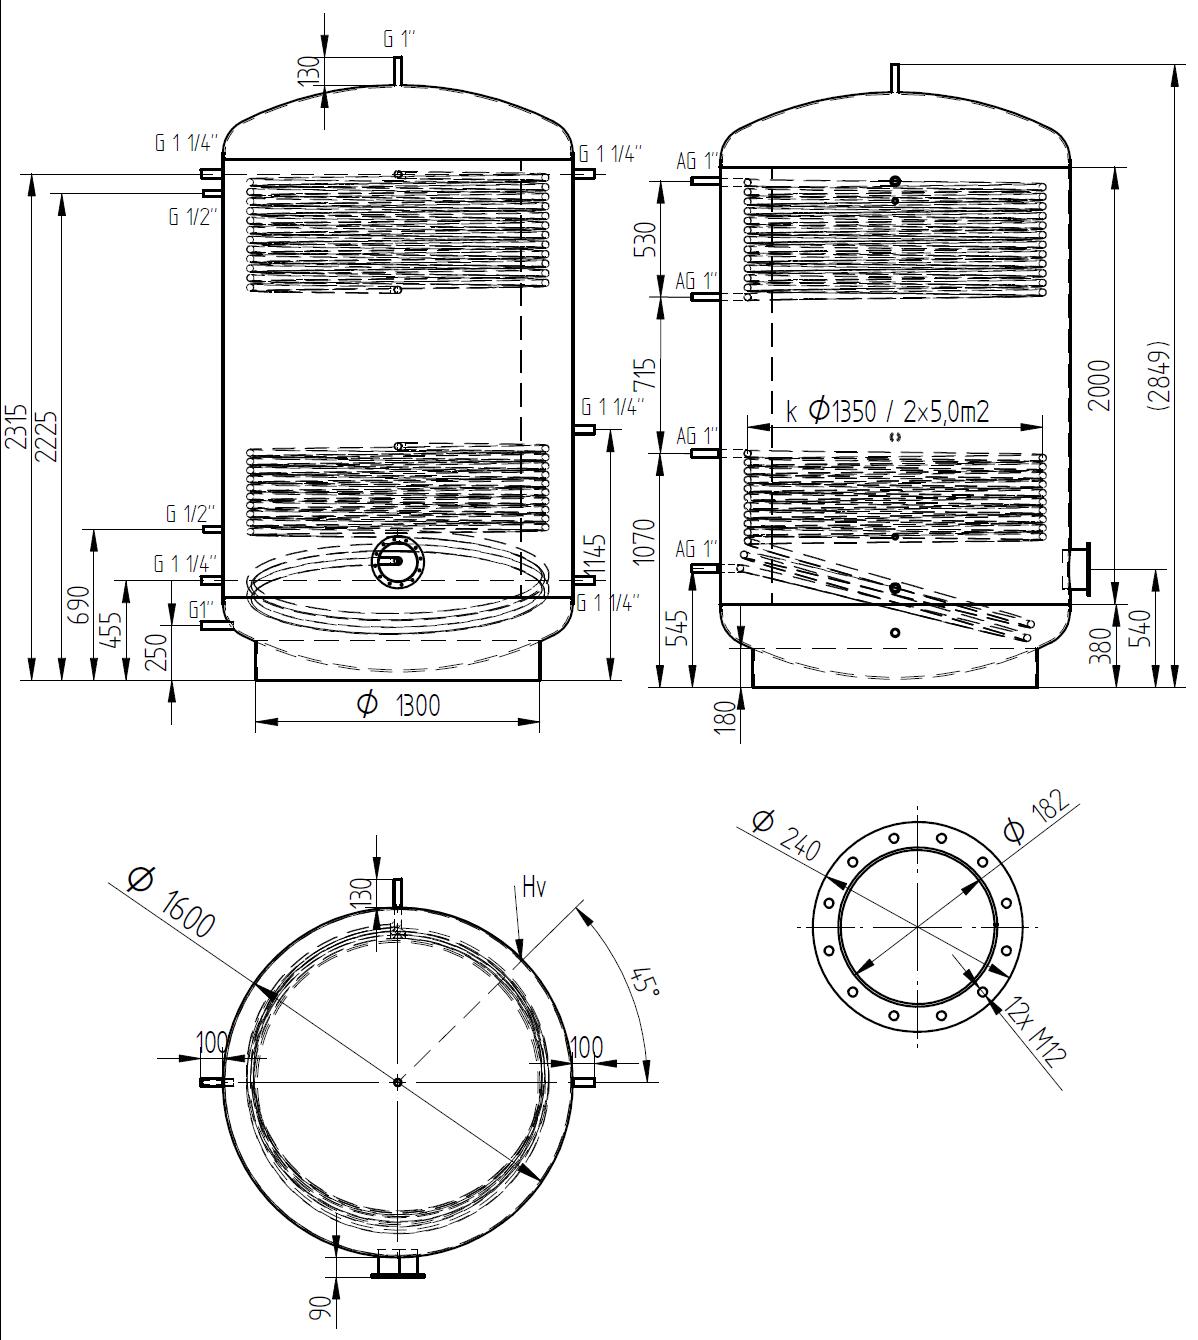 zbiornik buforowy prosty 5000l z dwoma wymiennikami